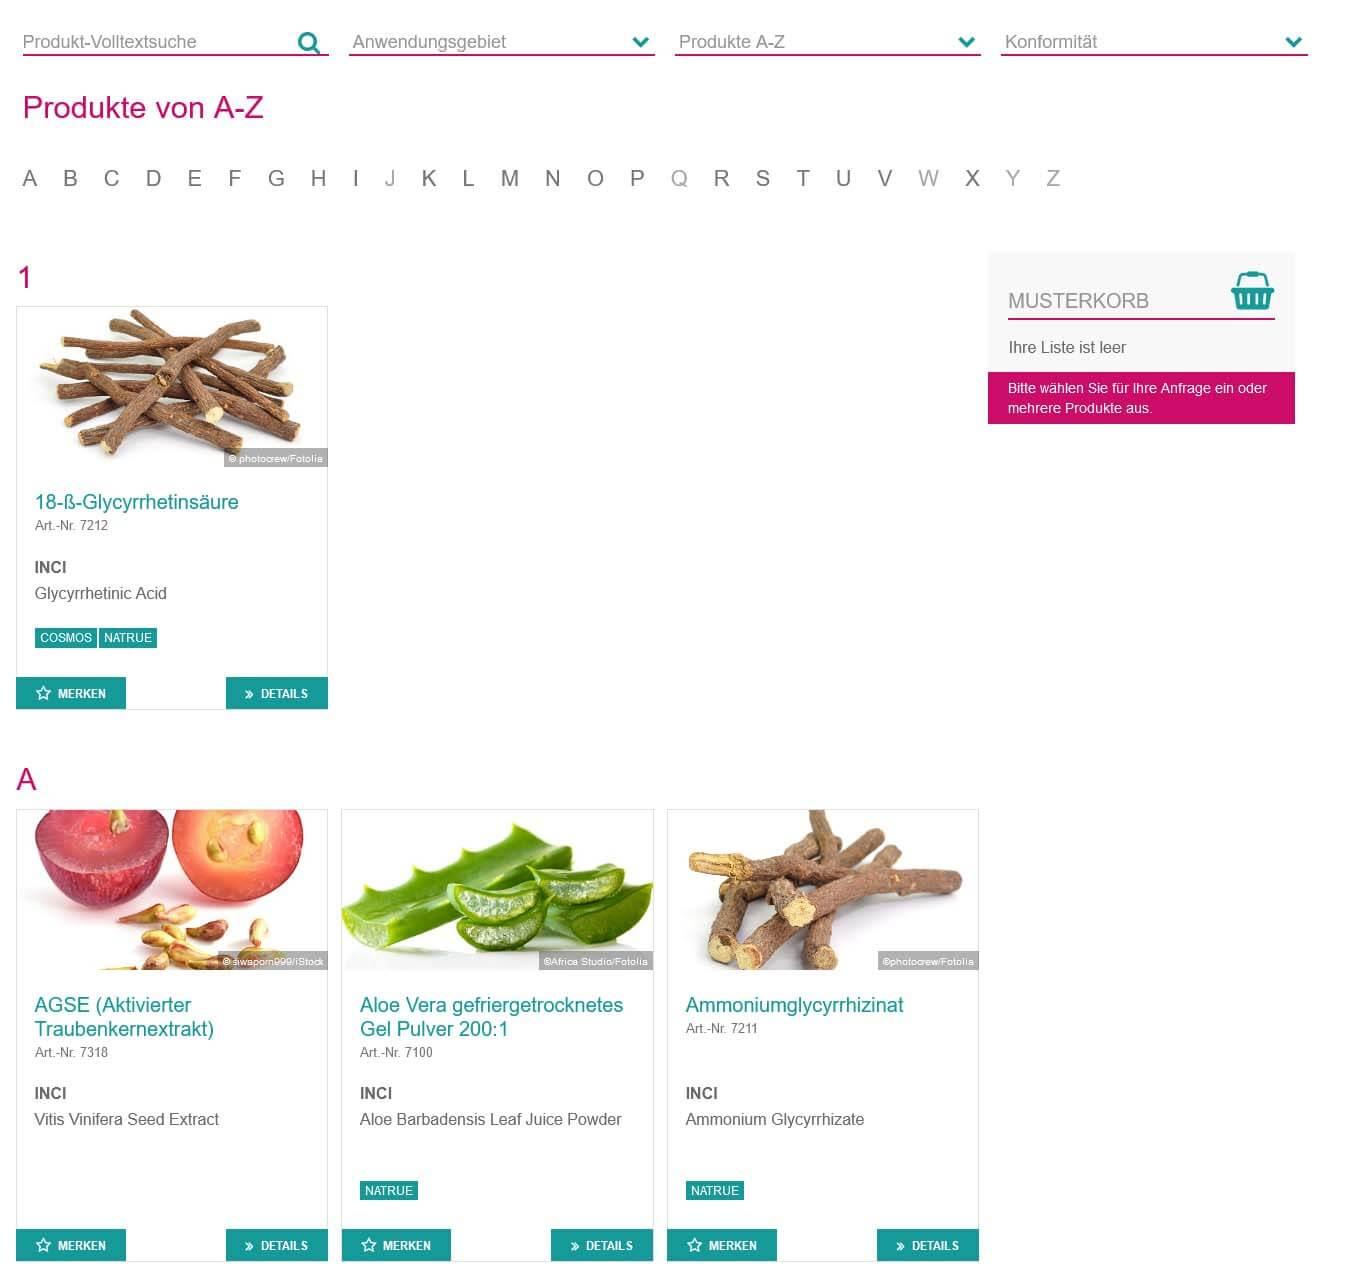 Produkteliste mit Bild